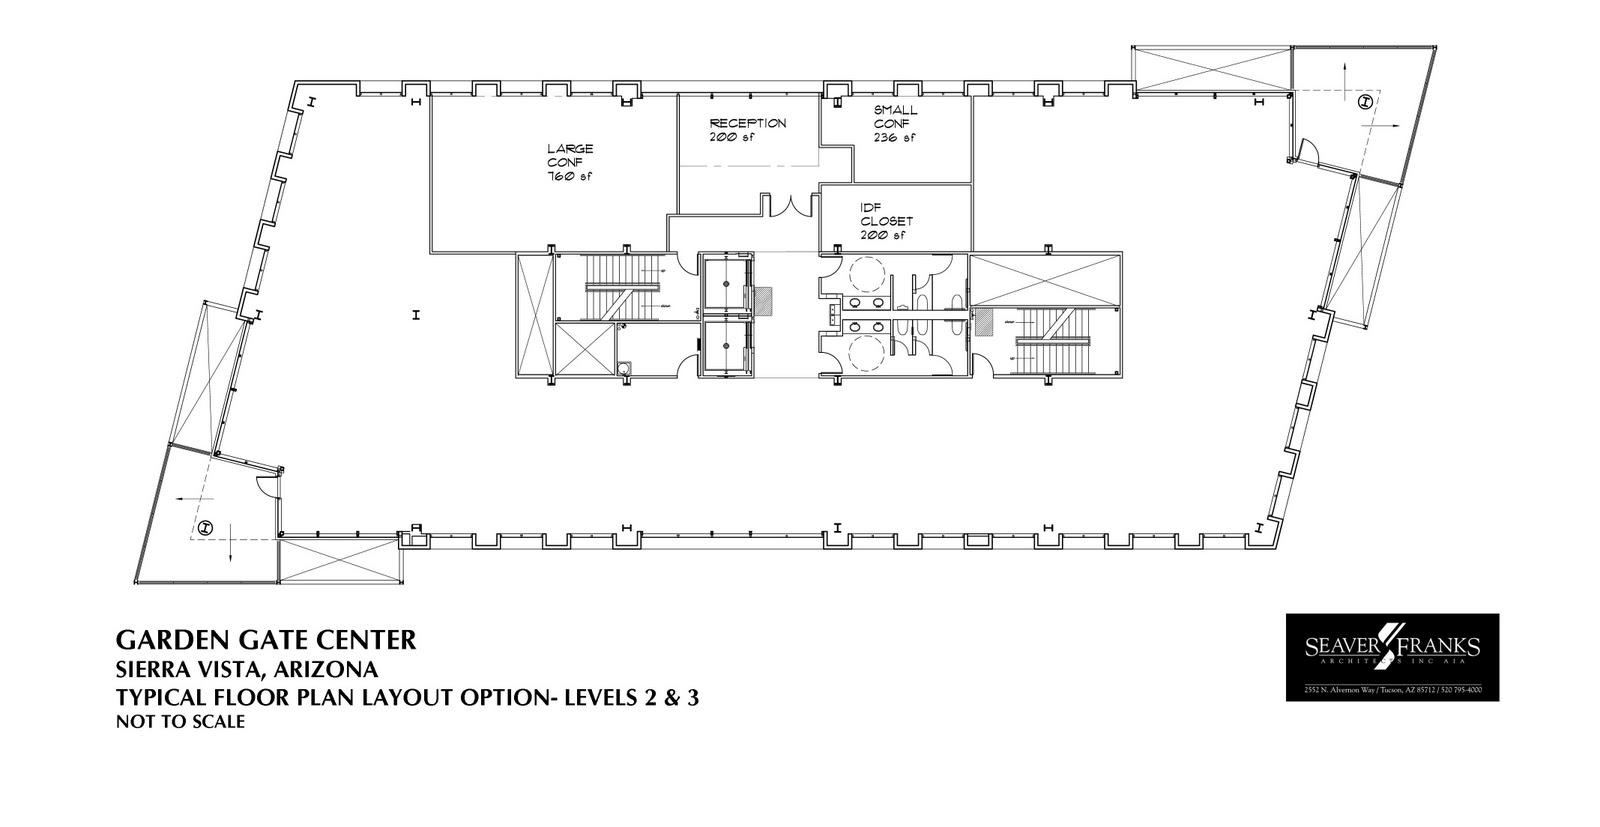 The Garden Gate Center Floor Plan Layout